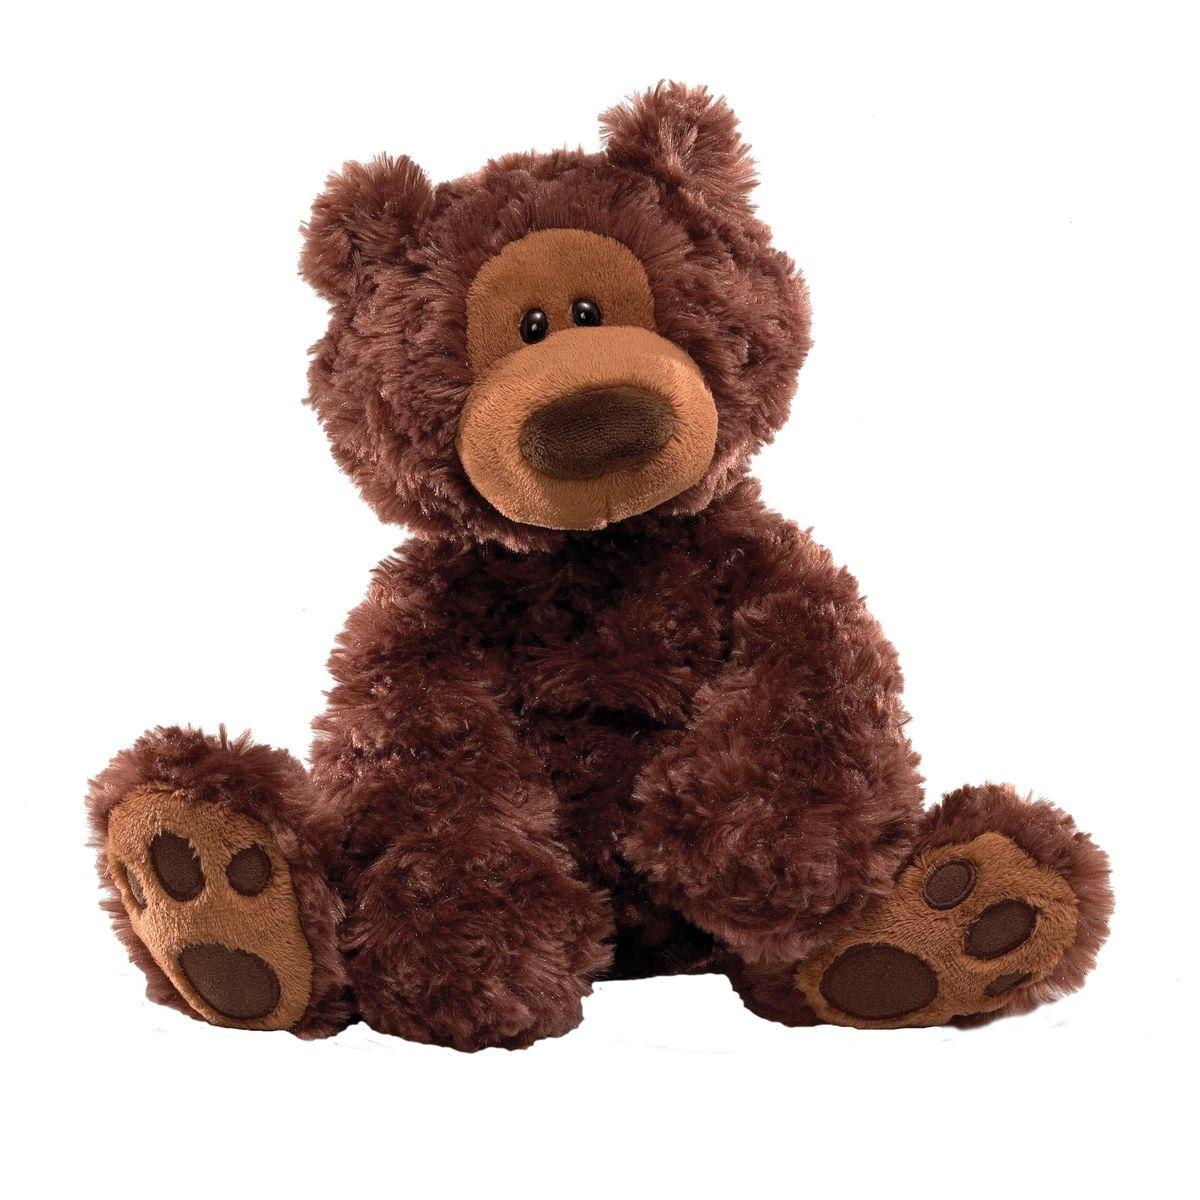 Gund Мягкая игрушка Philbin Bear Chocolate 33 см gund мягкая игрушка perry bear 40 5 см